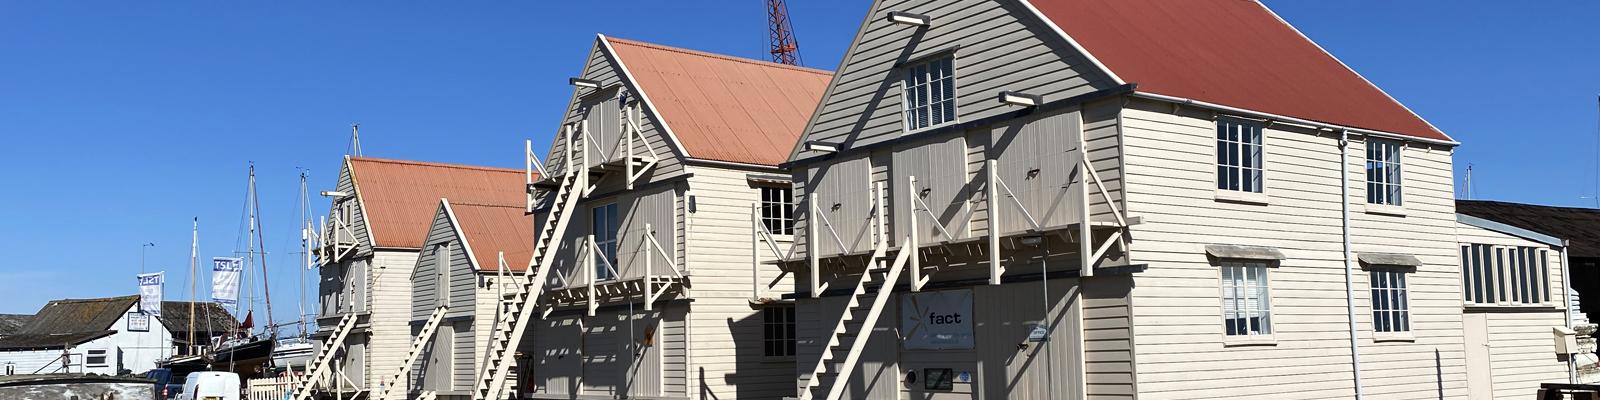 Tollesbury Parish Council, Places And Premises, The Sail Lofts